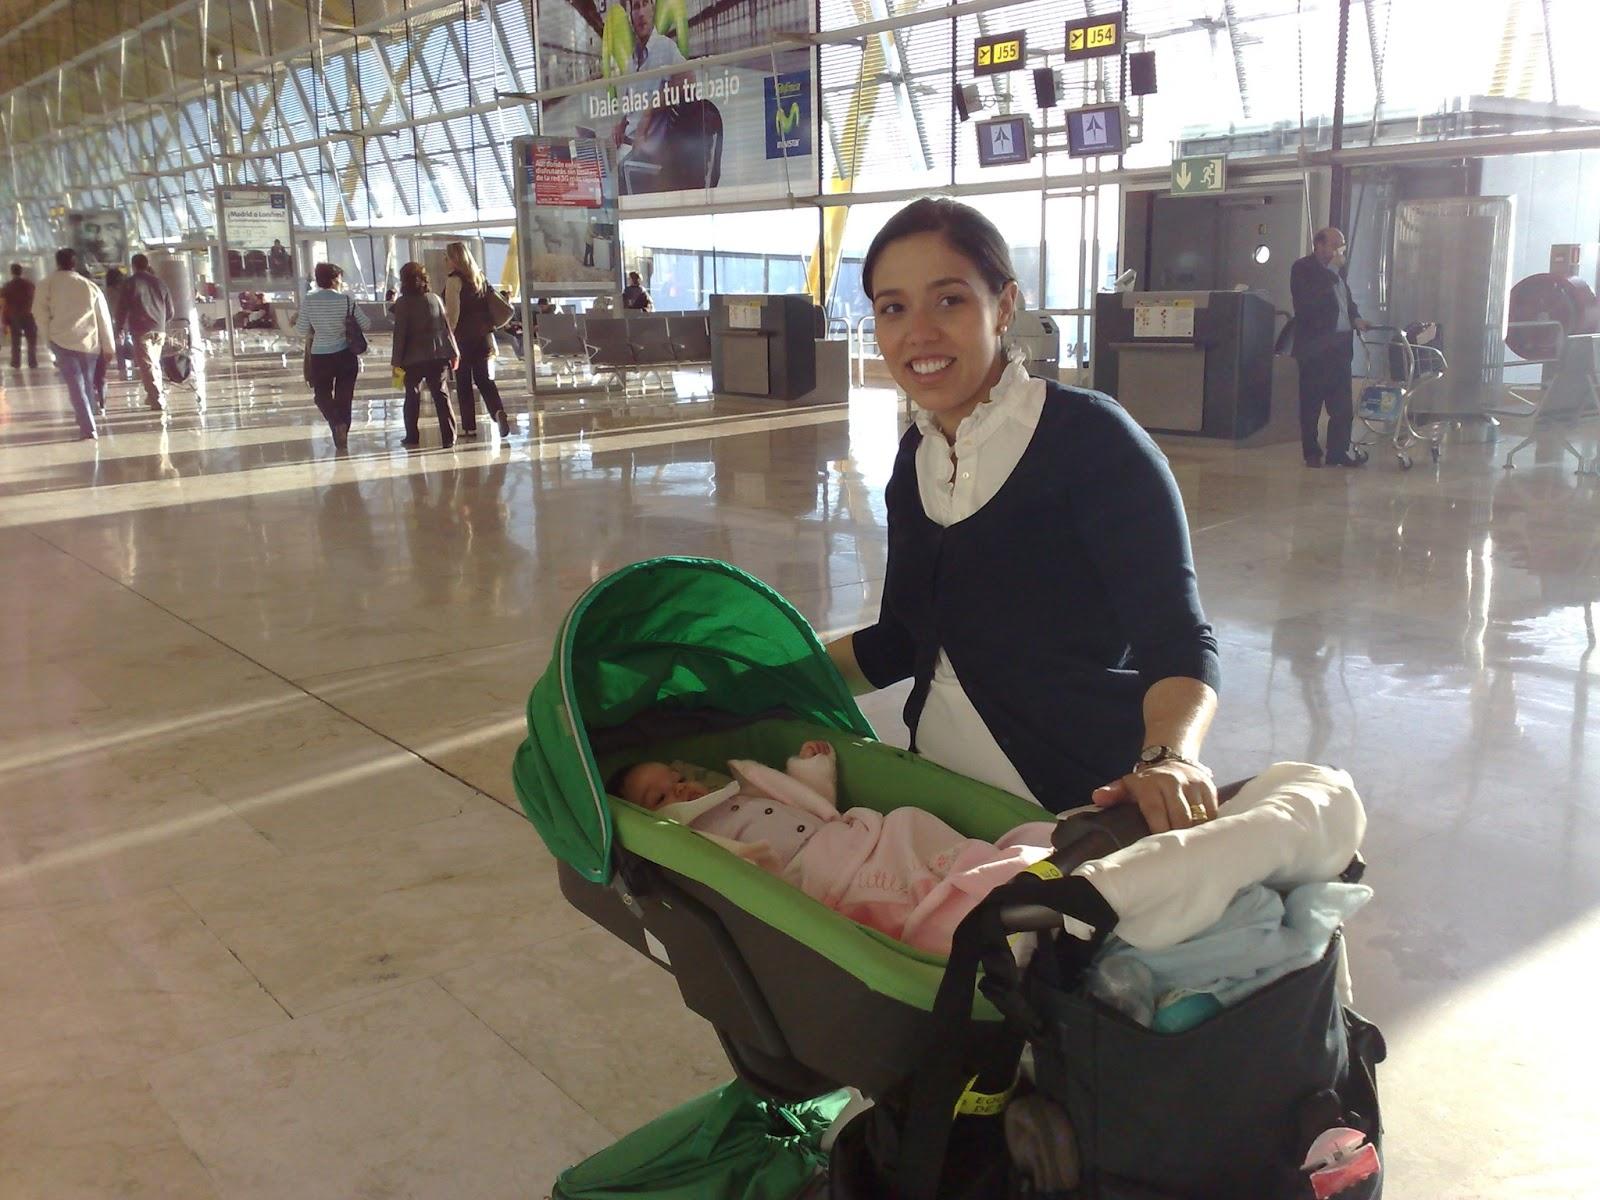 Viajar En Avión Los Hombres Que Viajan En Primera Y: Mama Pediatra Y Más: Viajar Con Niños : ¡Truquitos De